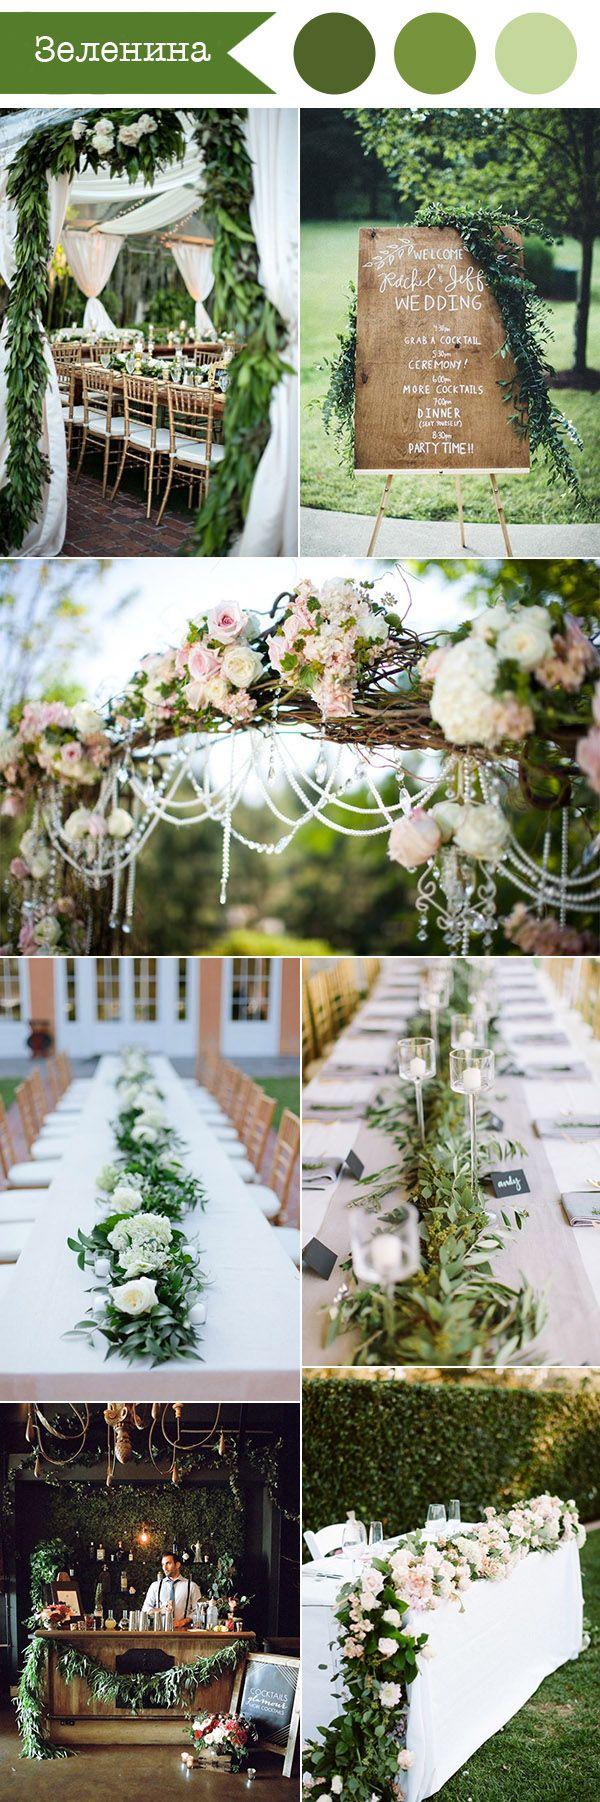 След като ви разказахме за някои от най-актуалните цветове, които ще виждаме често през 2016-та, днес е време да поговорим и за сватбените теми. През новия сватбен сезон визията на булките става все по-екзотична, храната ще бъде сервирана на бюфет и цялостната визия на сватбите се обръща към красотата и натуралността на природата.